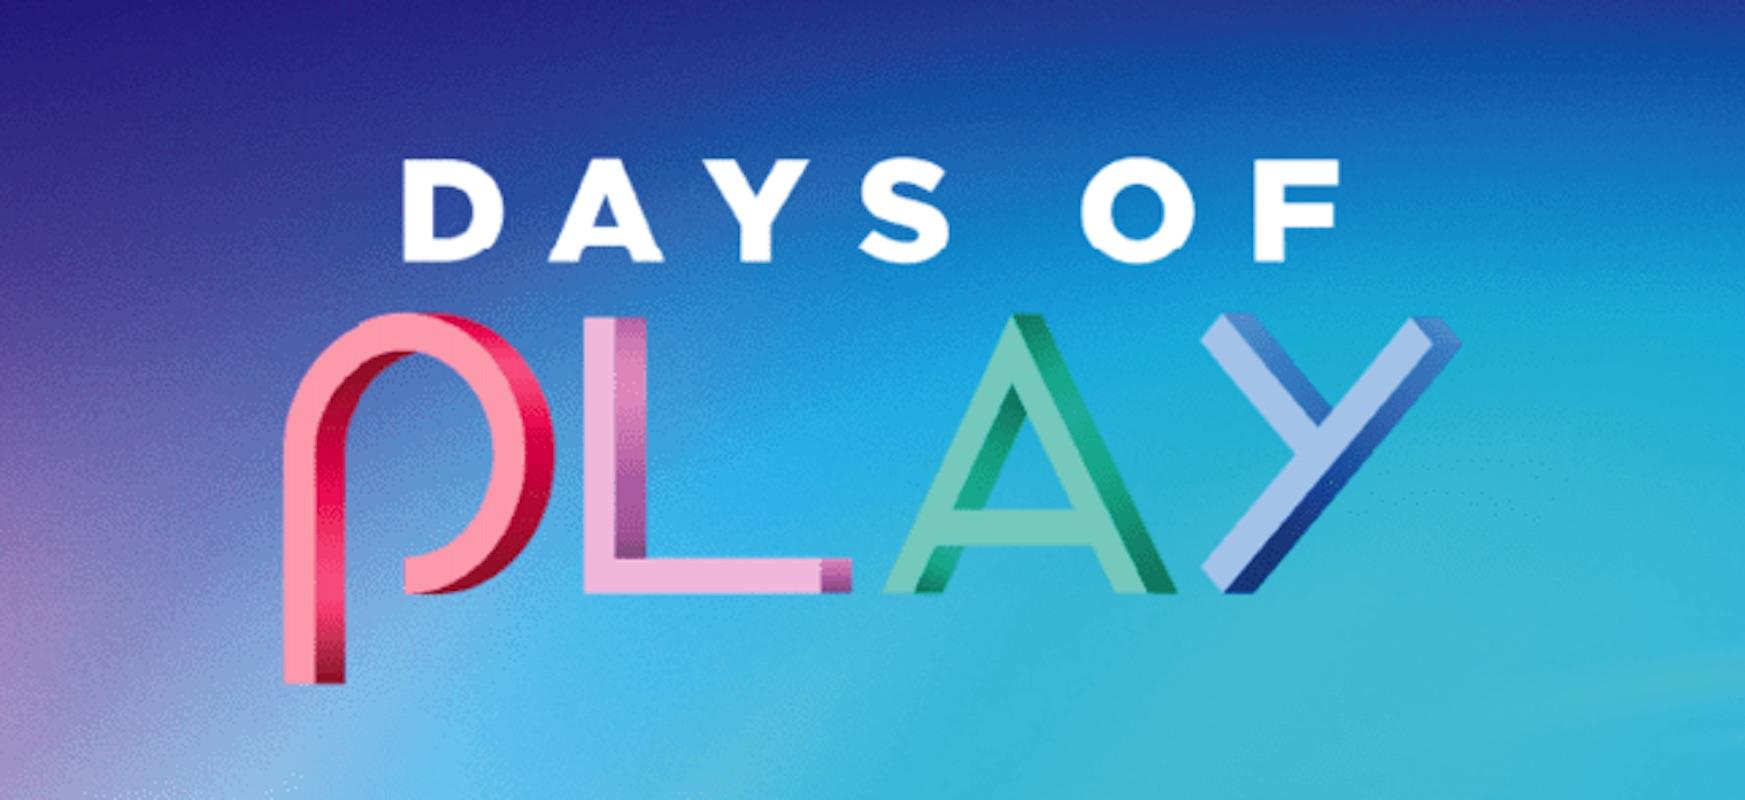 Jokoak PlayStationen 4 eta VR prezio bikainetan.  PlayStation Days of Play promo promozioak hasi dira